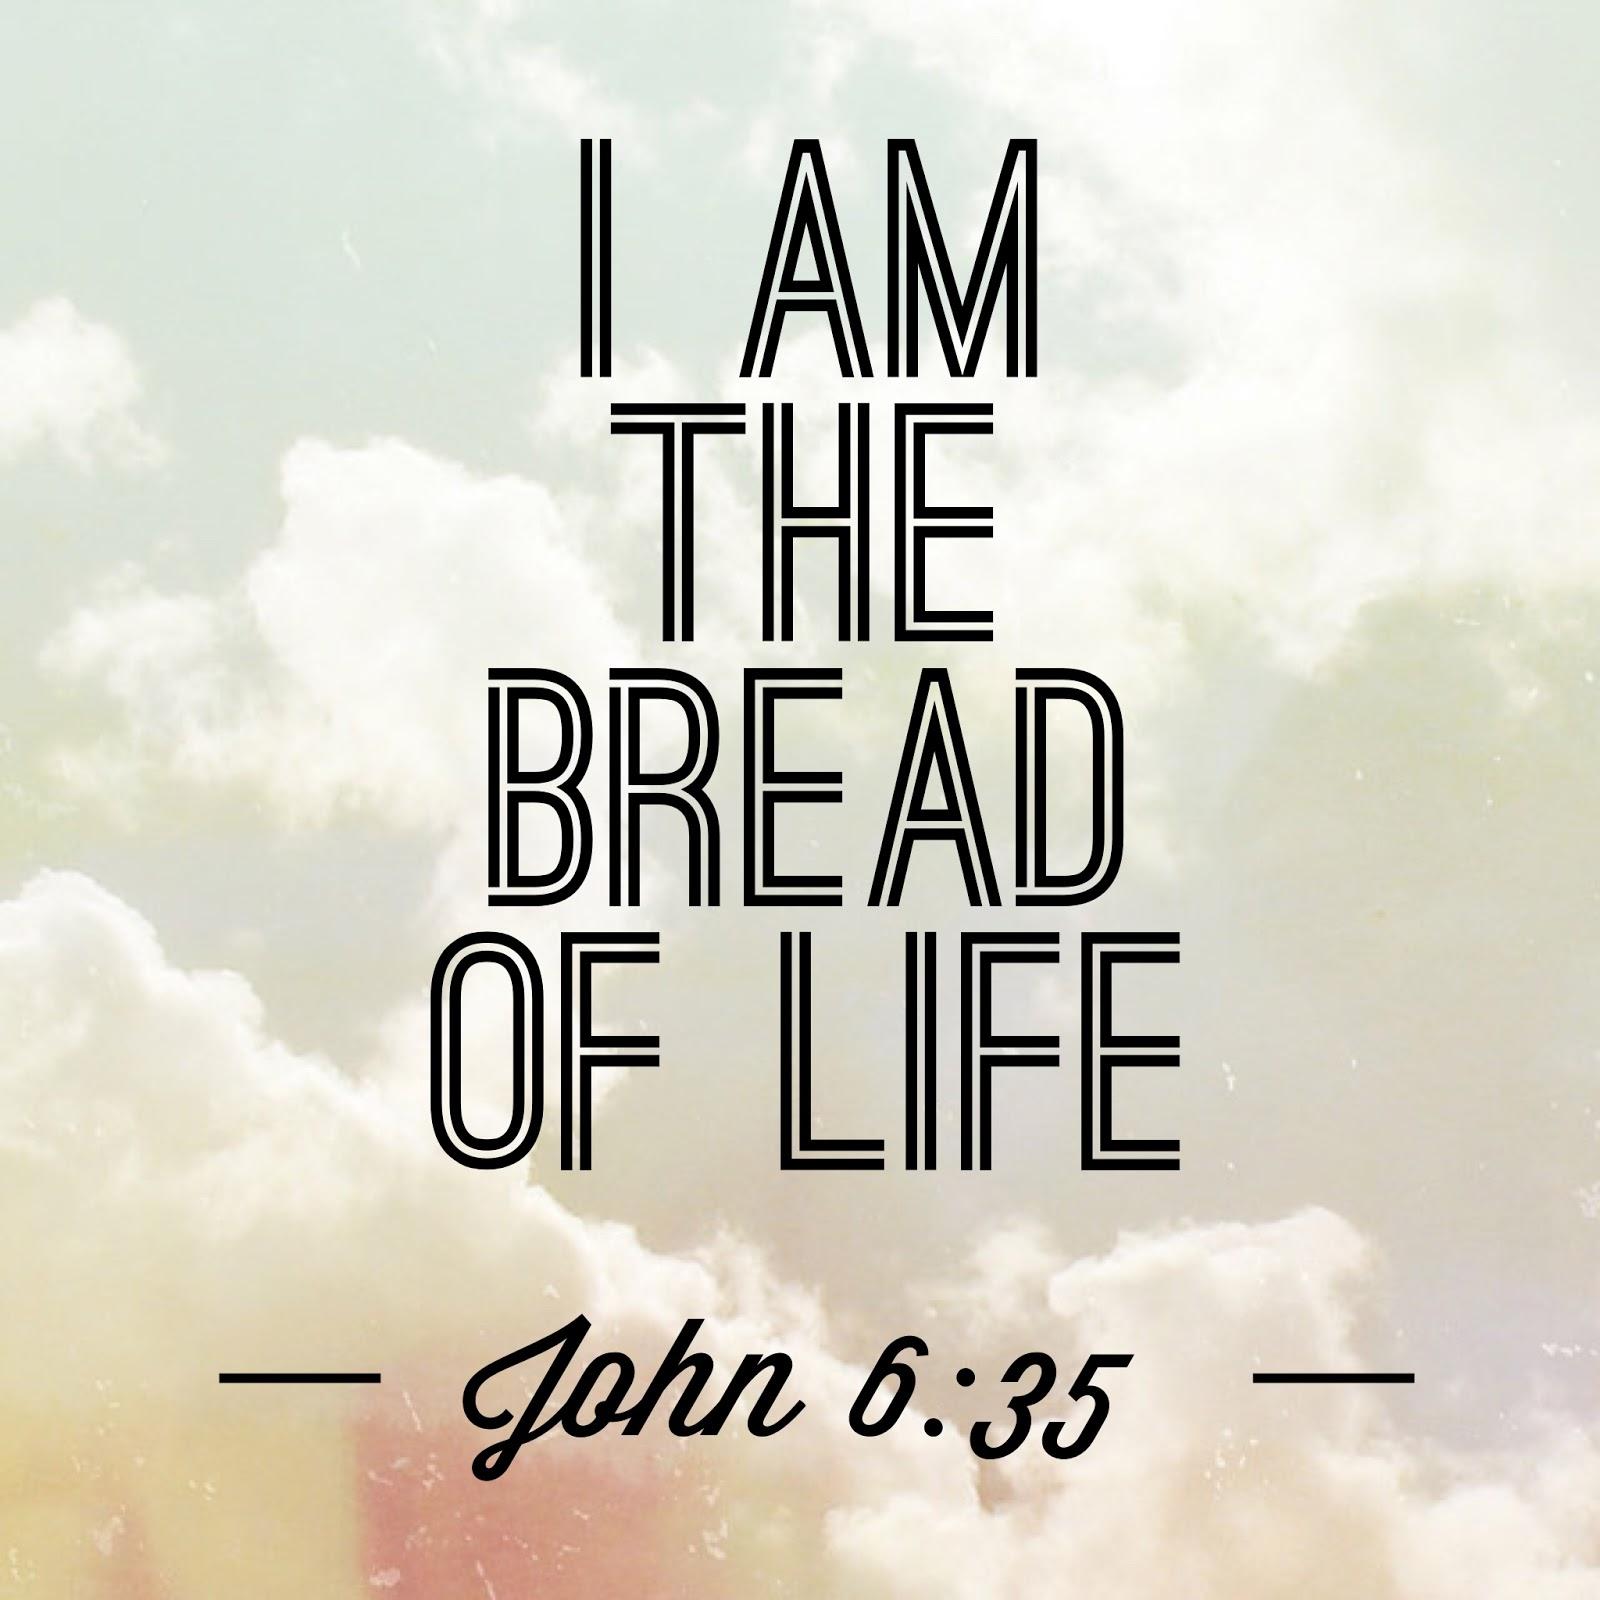 Hasil gambar untuk john 6:35